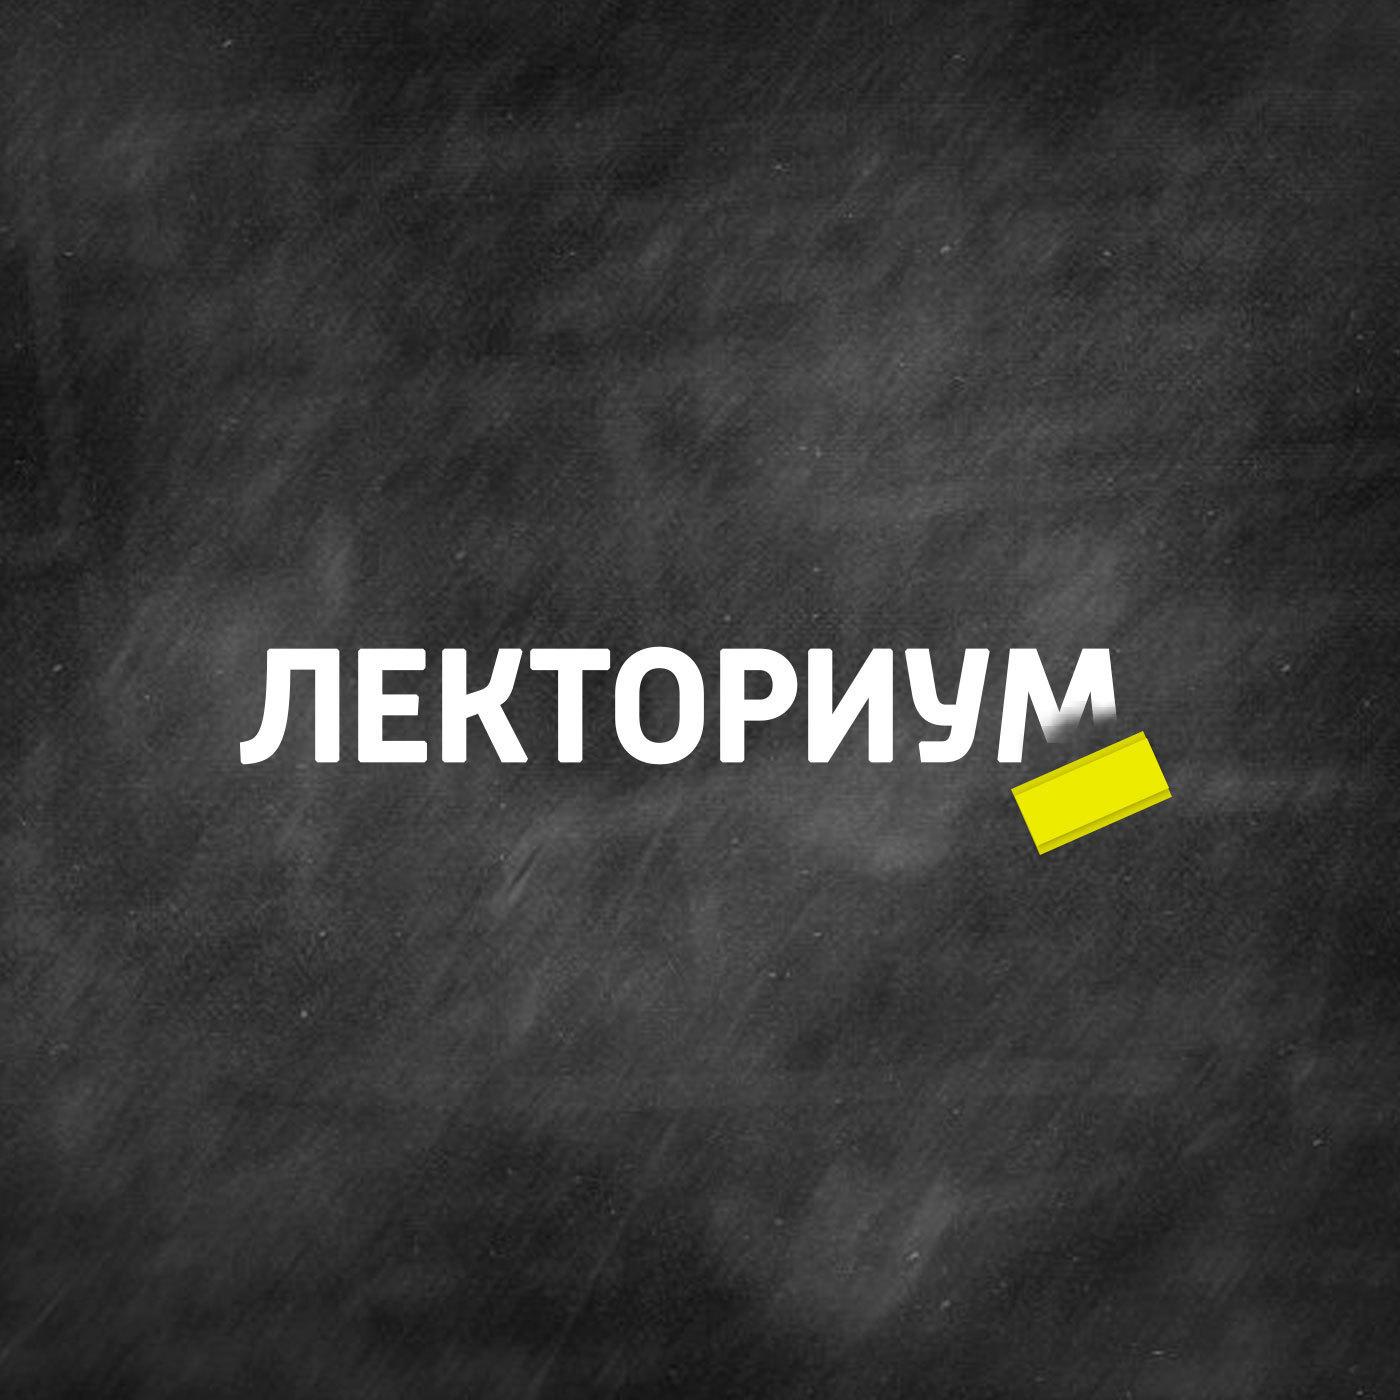 Творческий коллектив шоу «Сергей Стиллавин и его друзья» Наука в жизни вокруг нас глезеров сергей евгеньевич коломяги вокруг и около